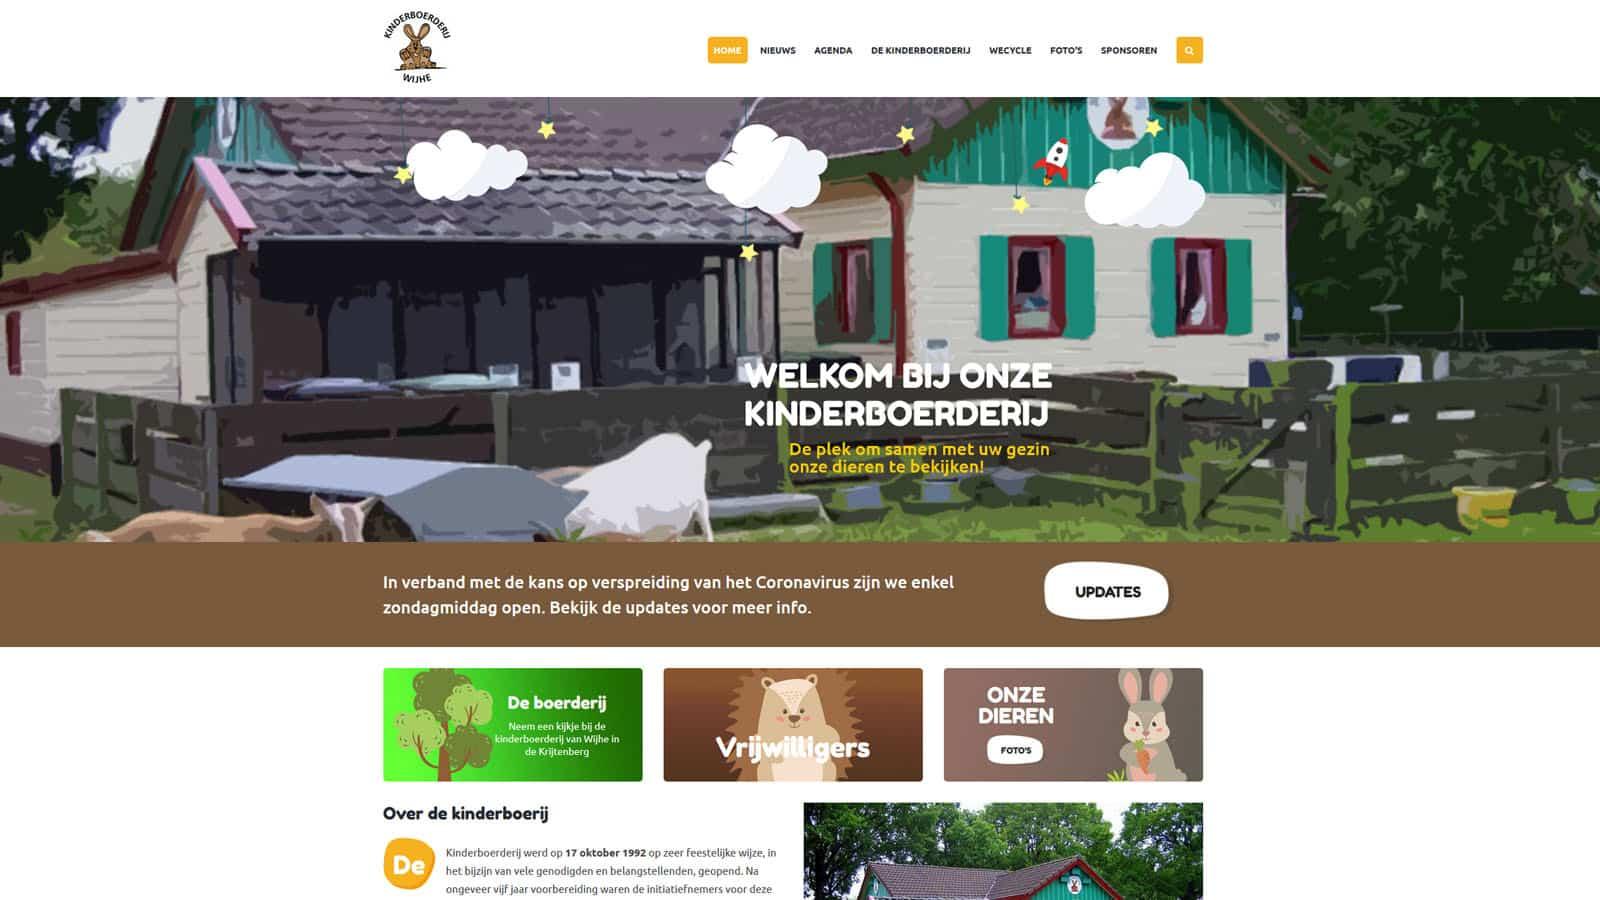 - kinderboerderij - Websites